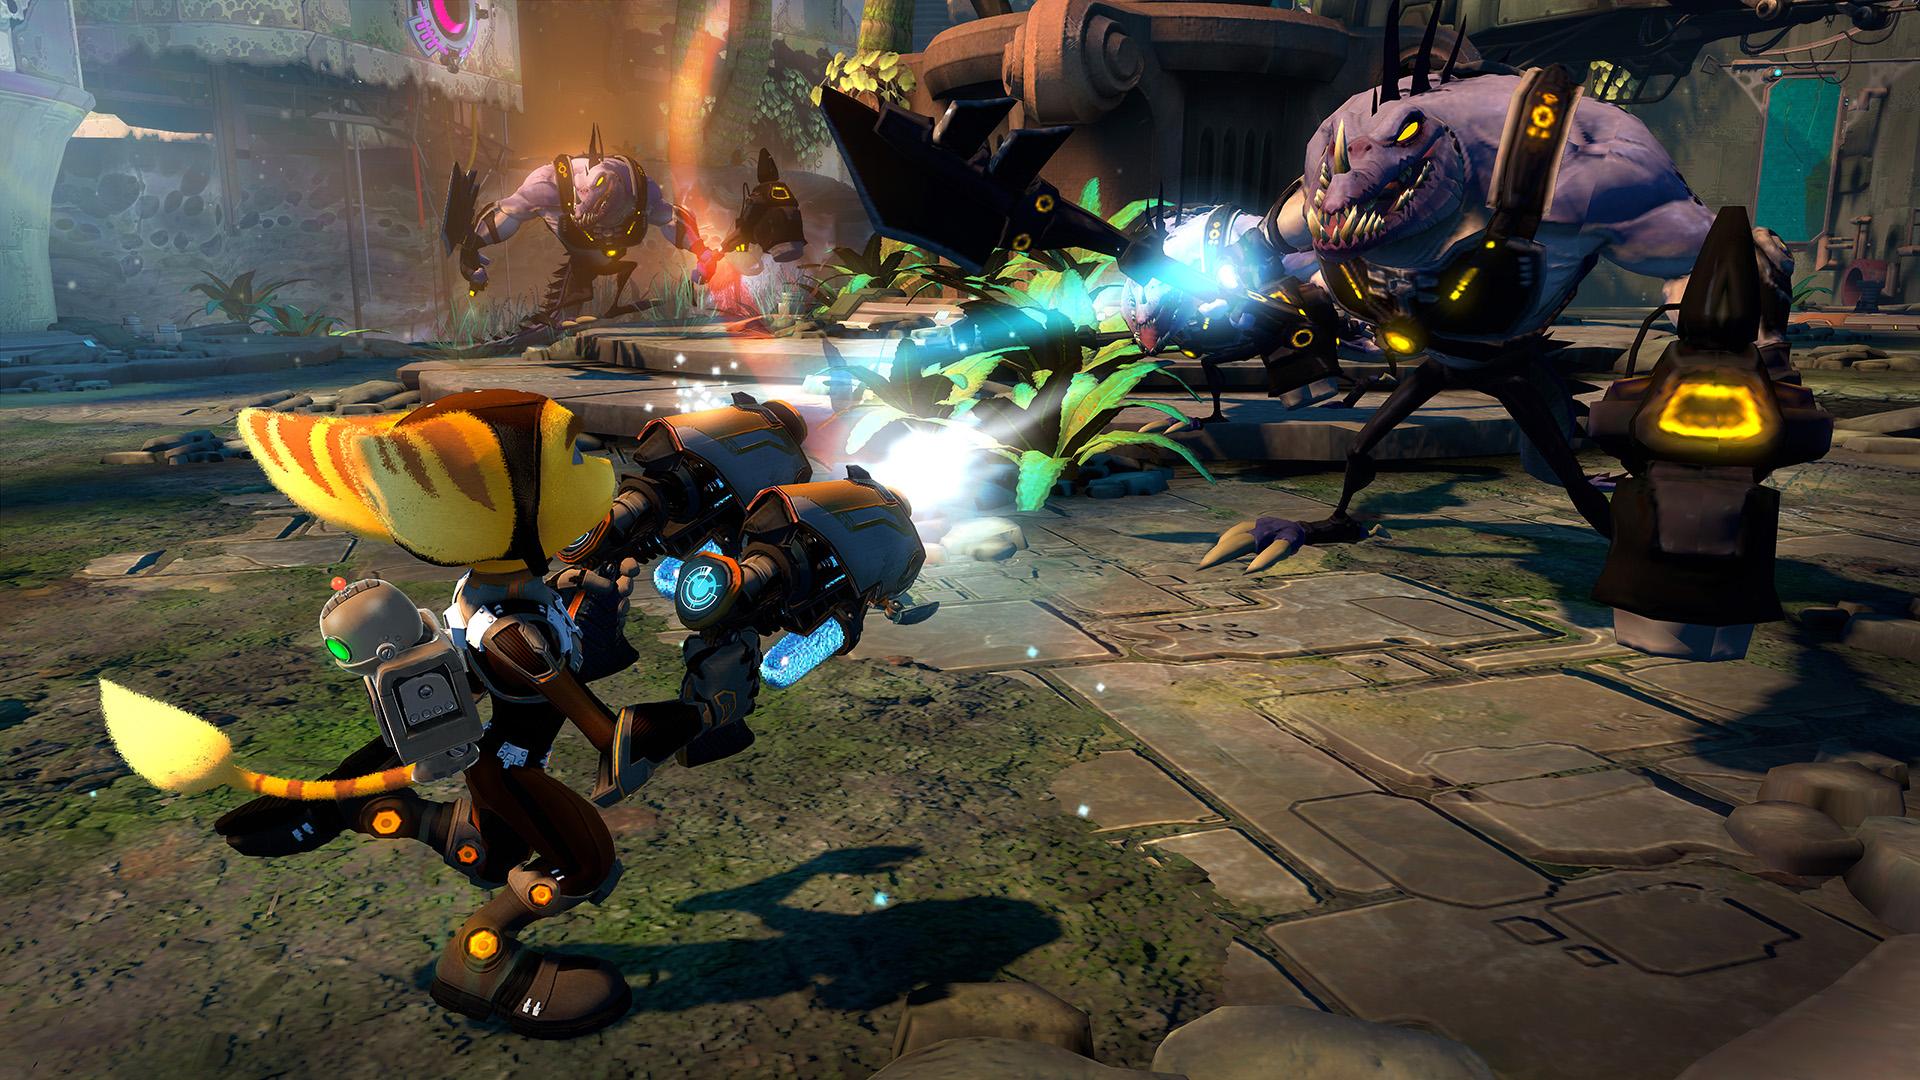 [ANNONCE] Ratchet & Clank Nexus